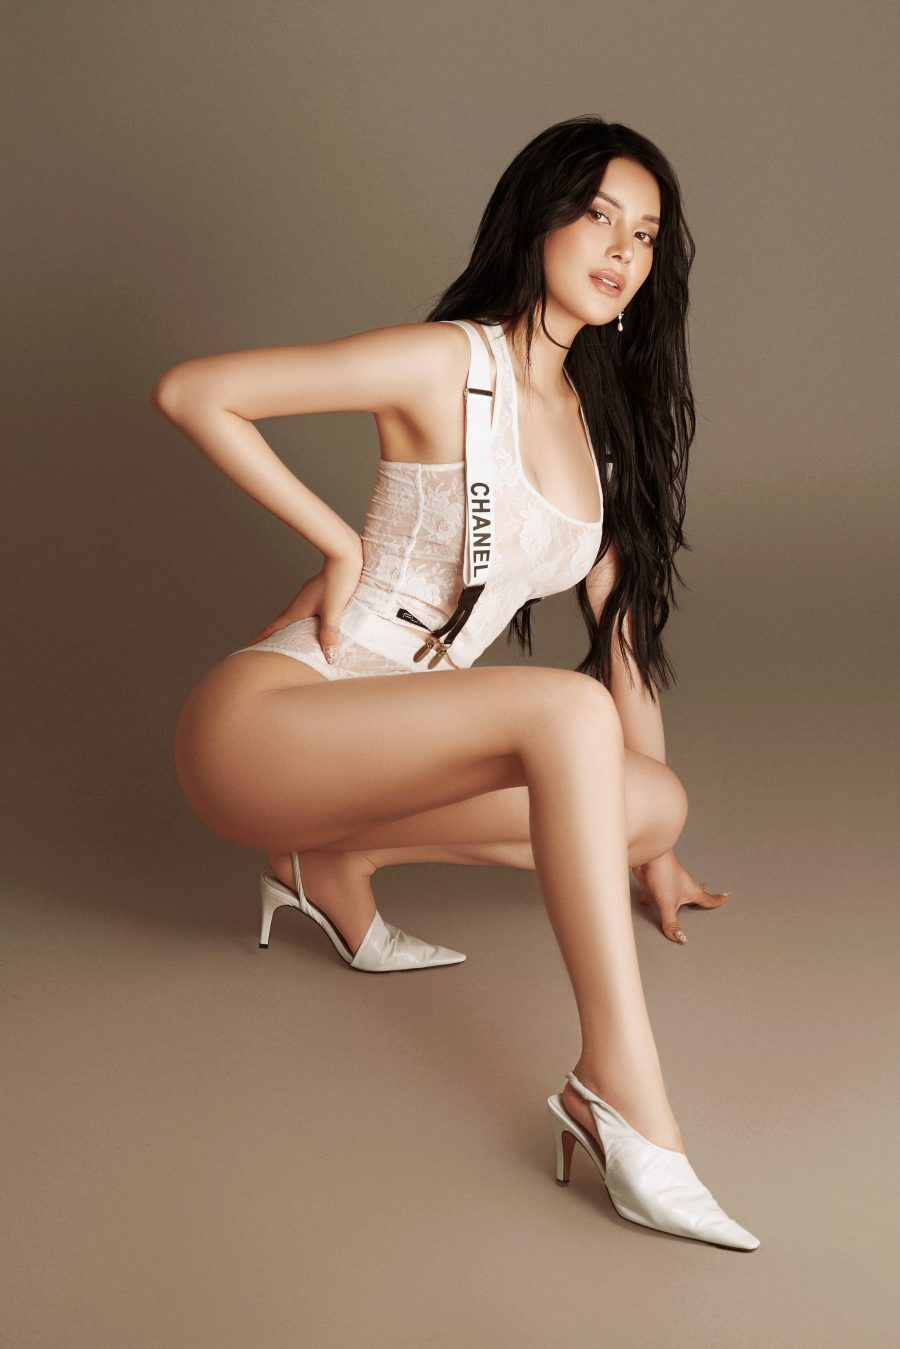 """""""Ngọc nữ bolero"""": Dáng đẹp như người mẫu, chẳng ngại mặc gợi tình"""